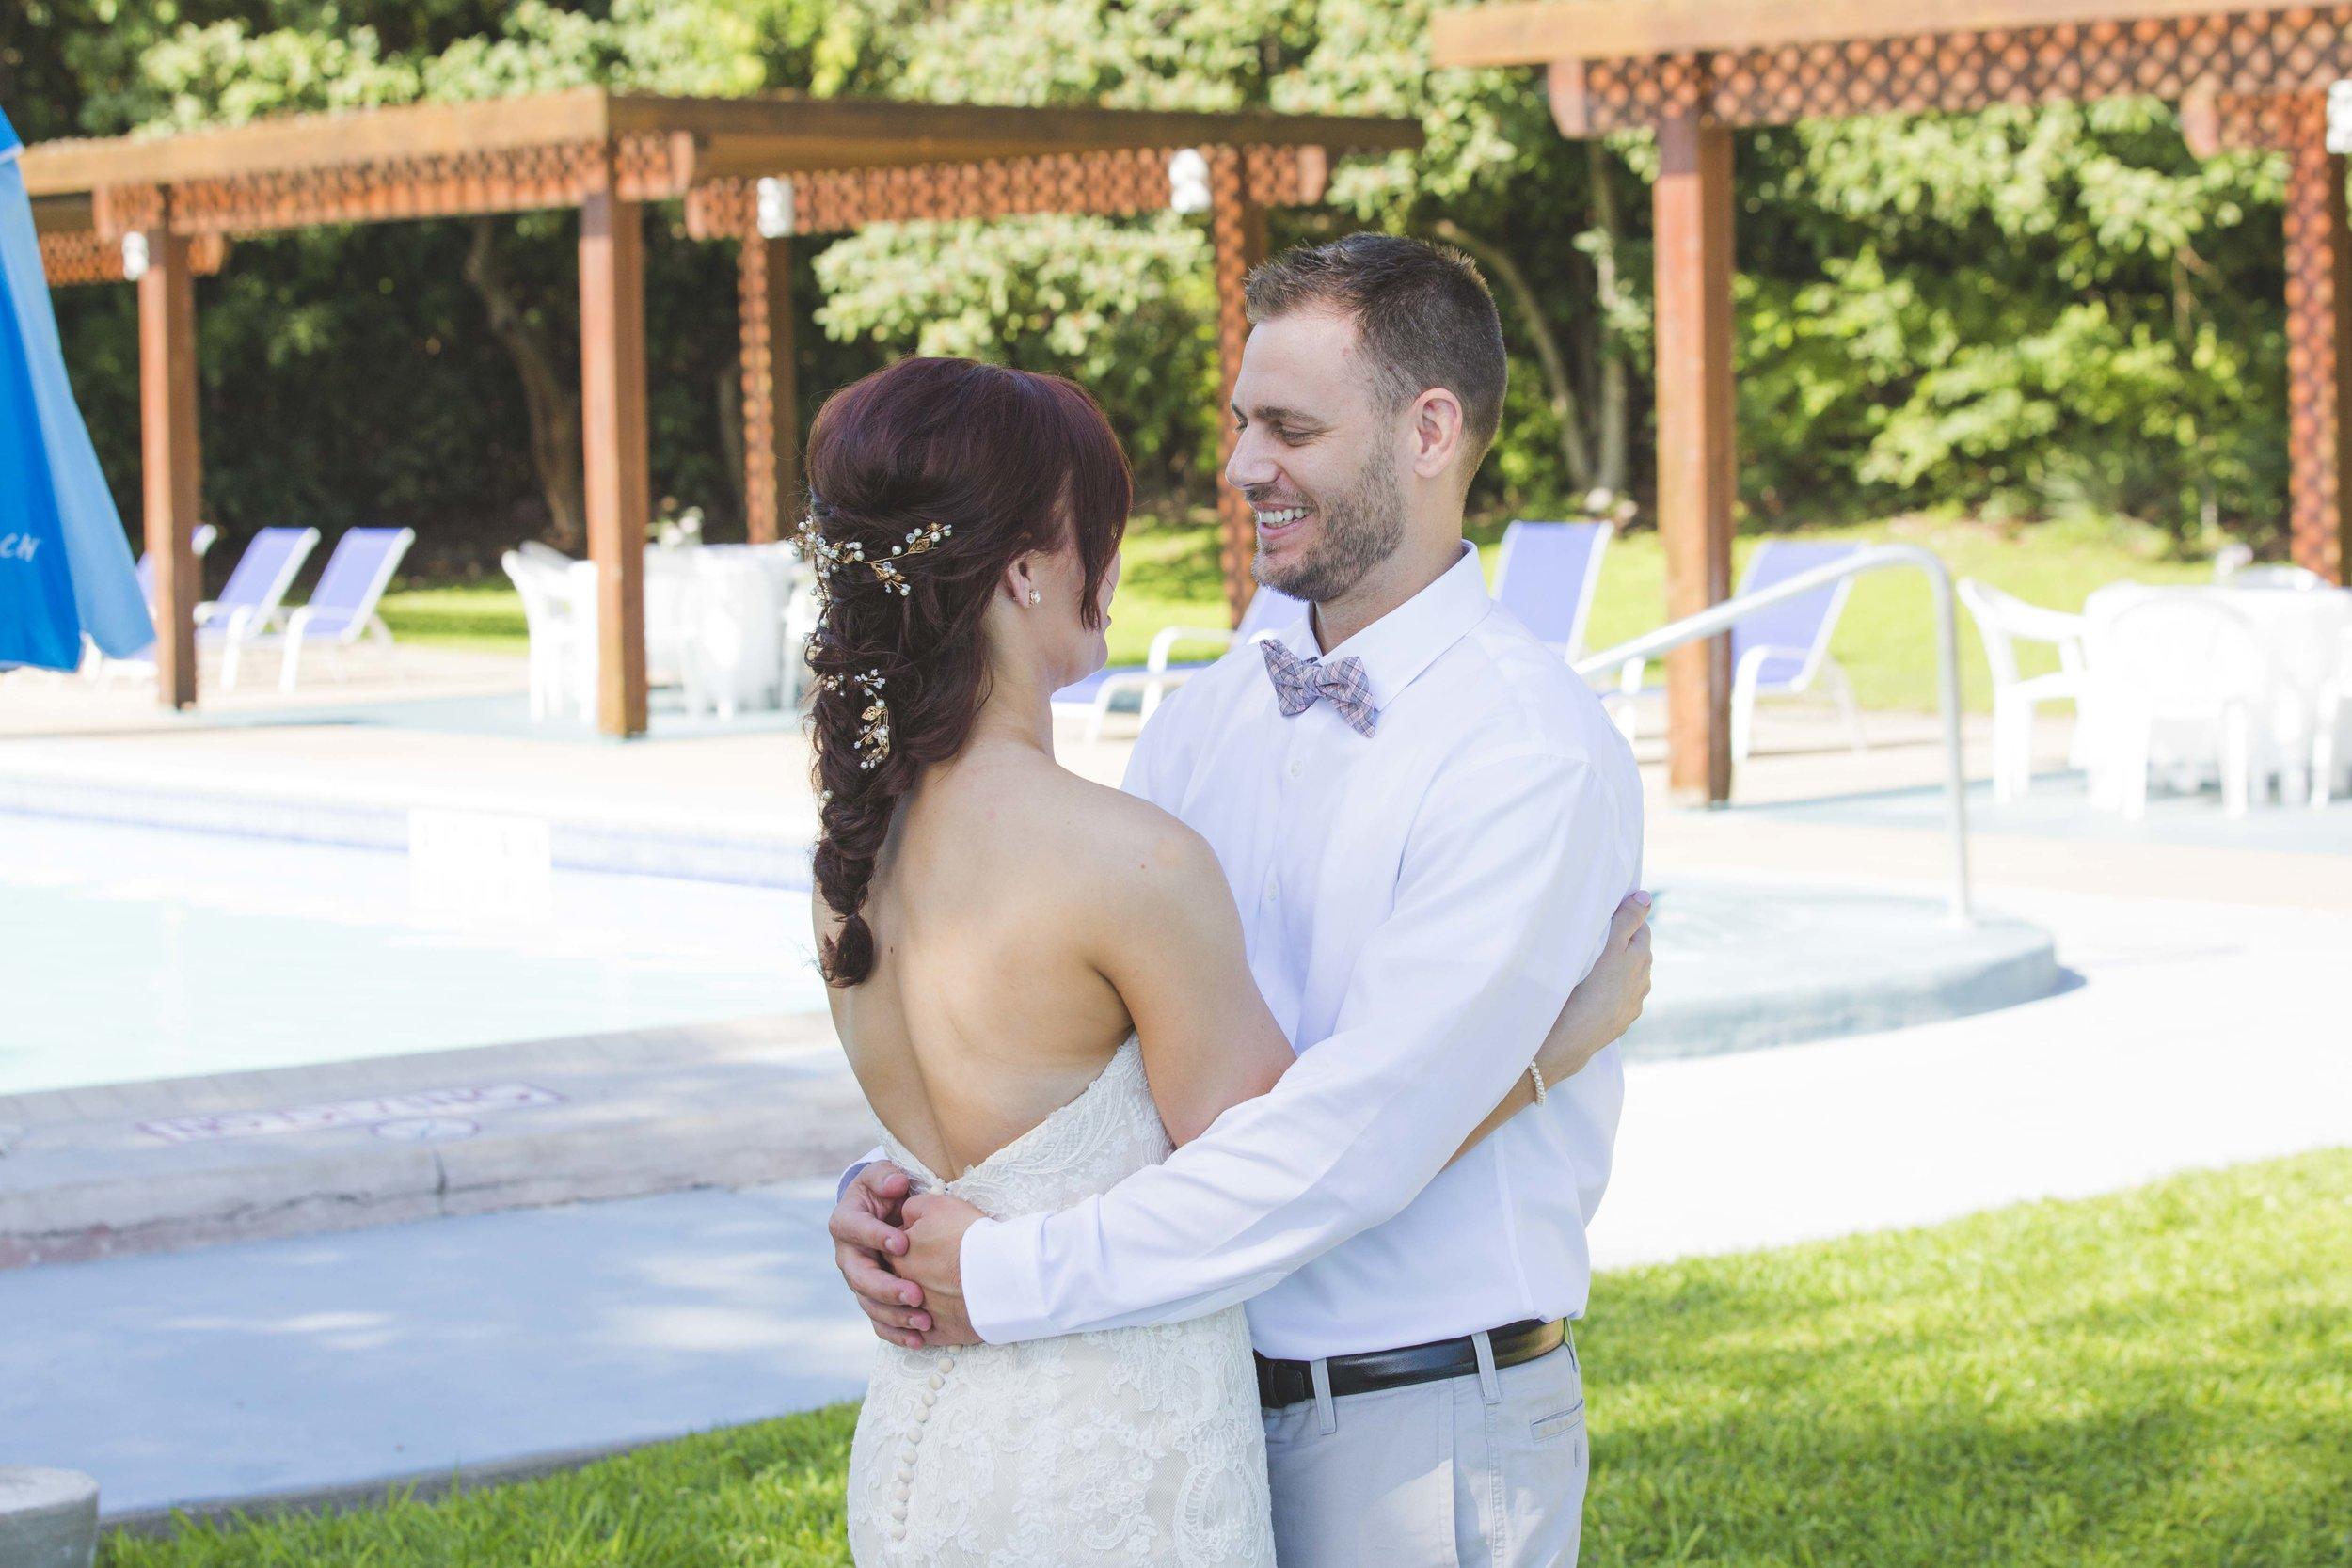 ATGI_Susanna & Matt Wedding_717A7294.jpg